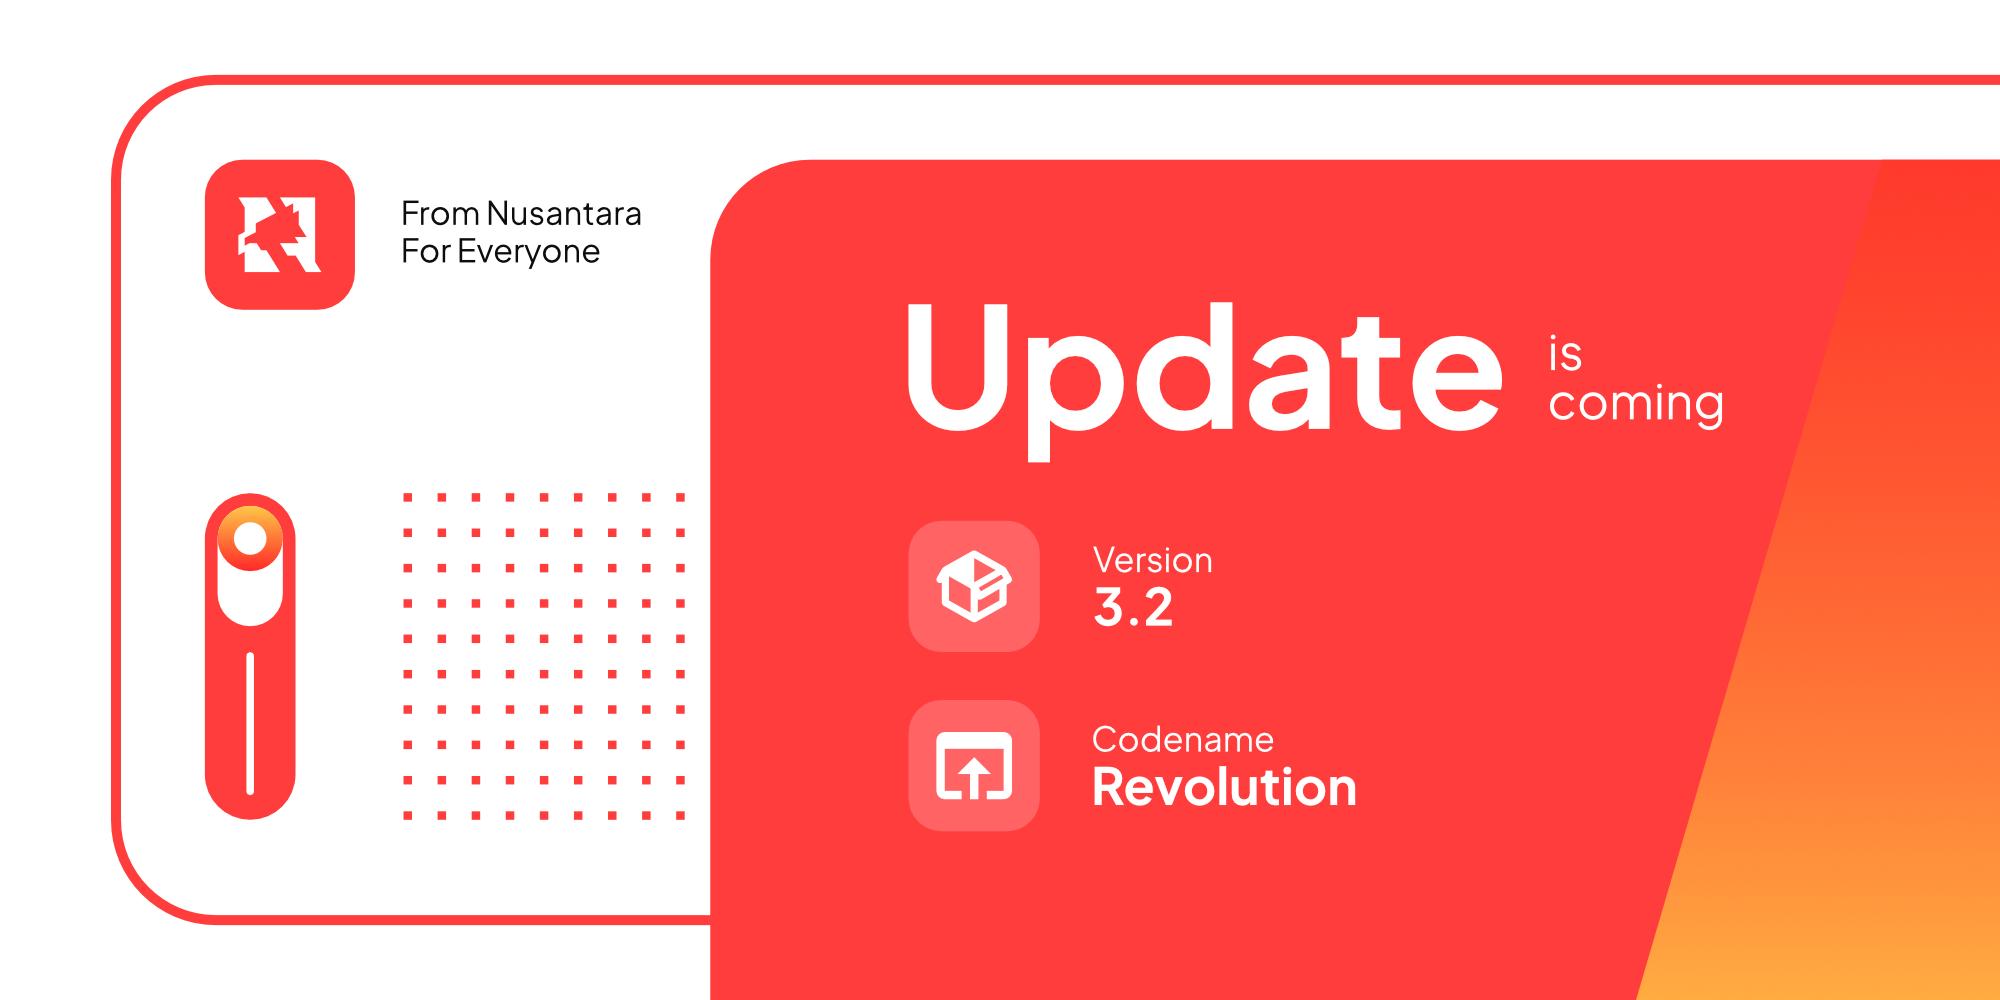 [ROM] NusantaraProject - v3.2 Revolution [Mi 9][Cepheus]